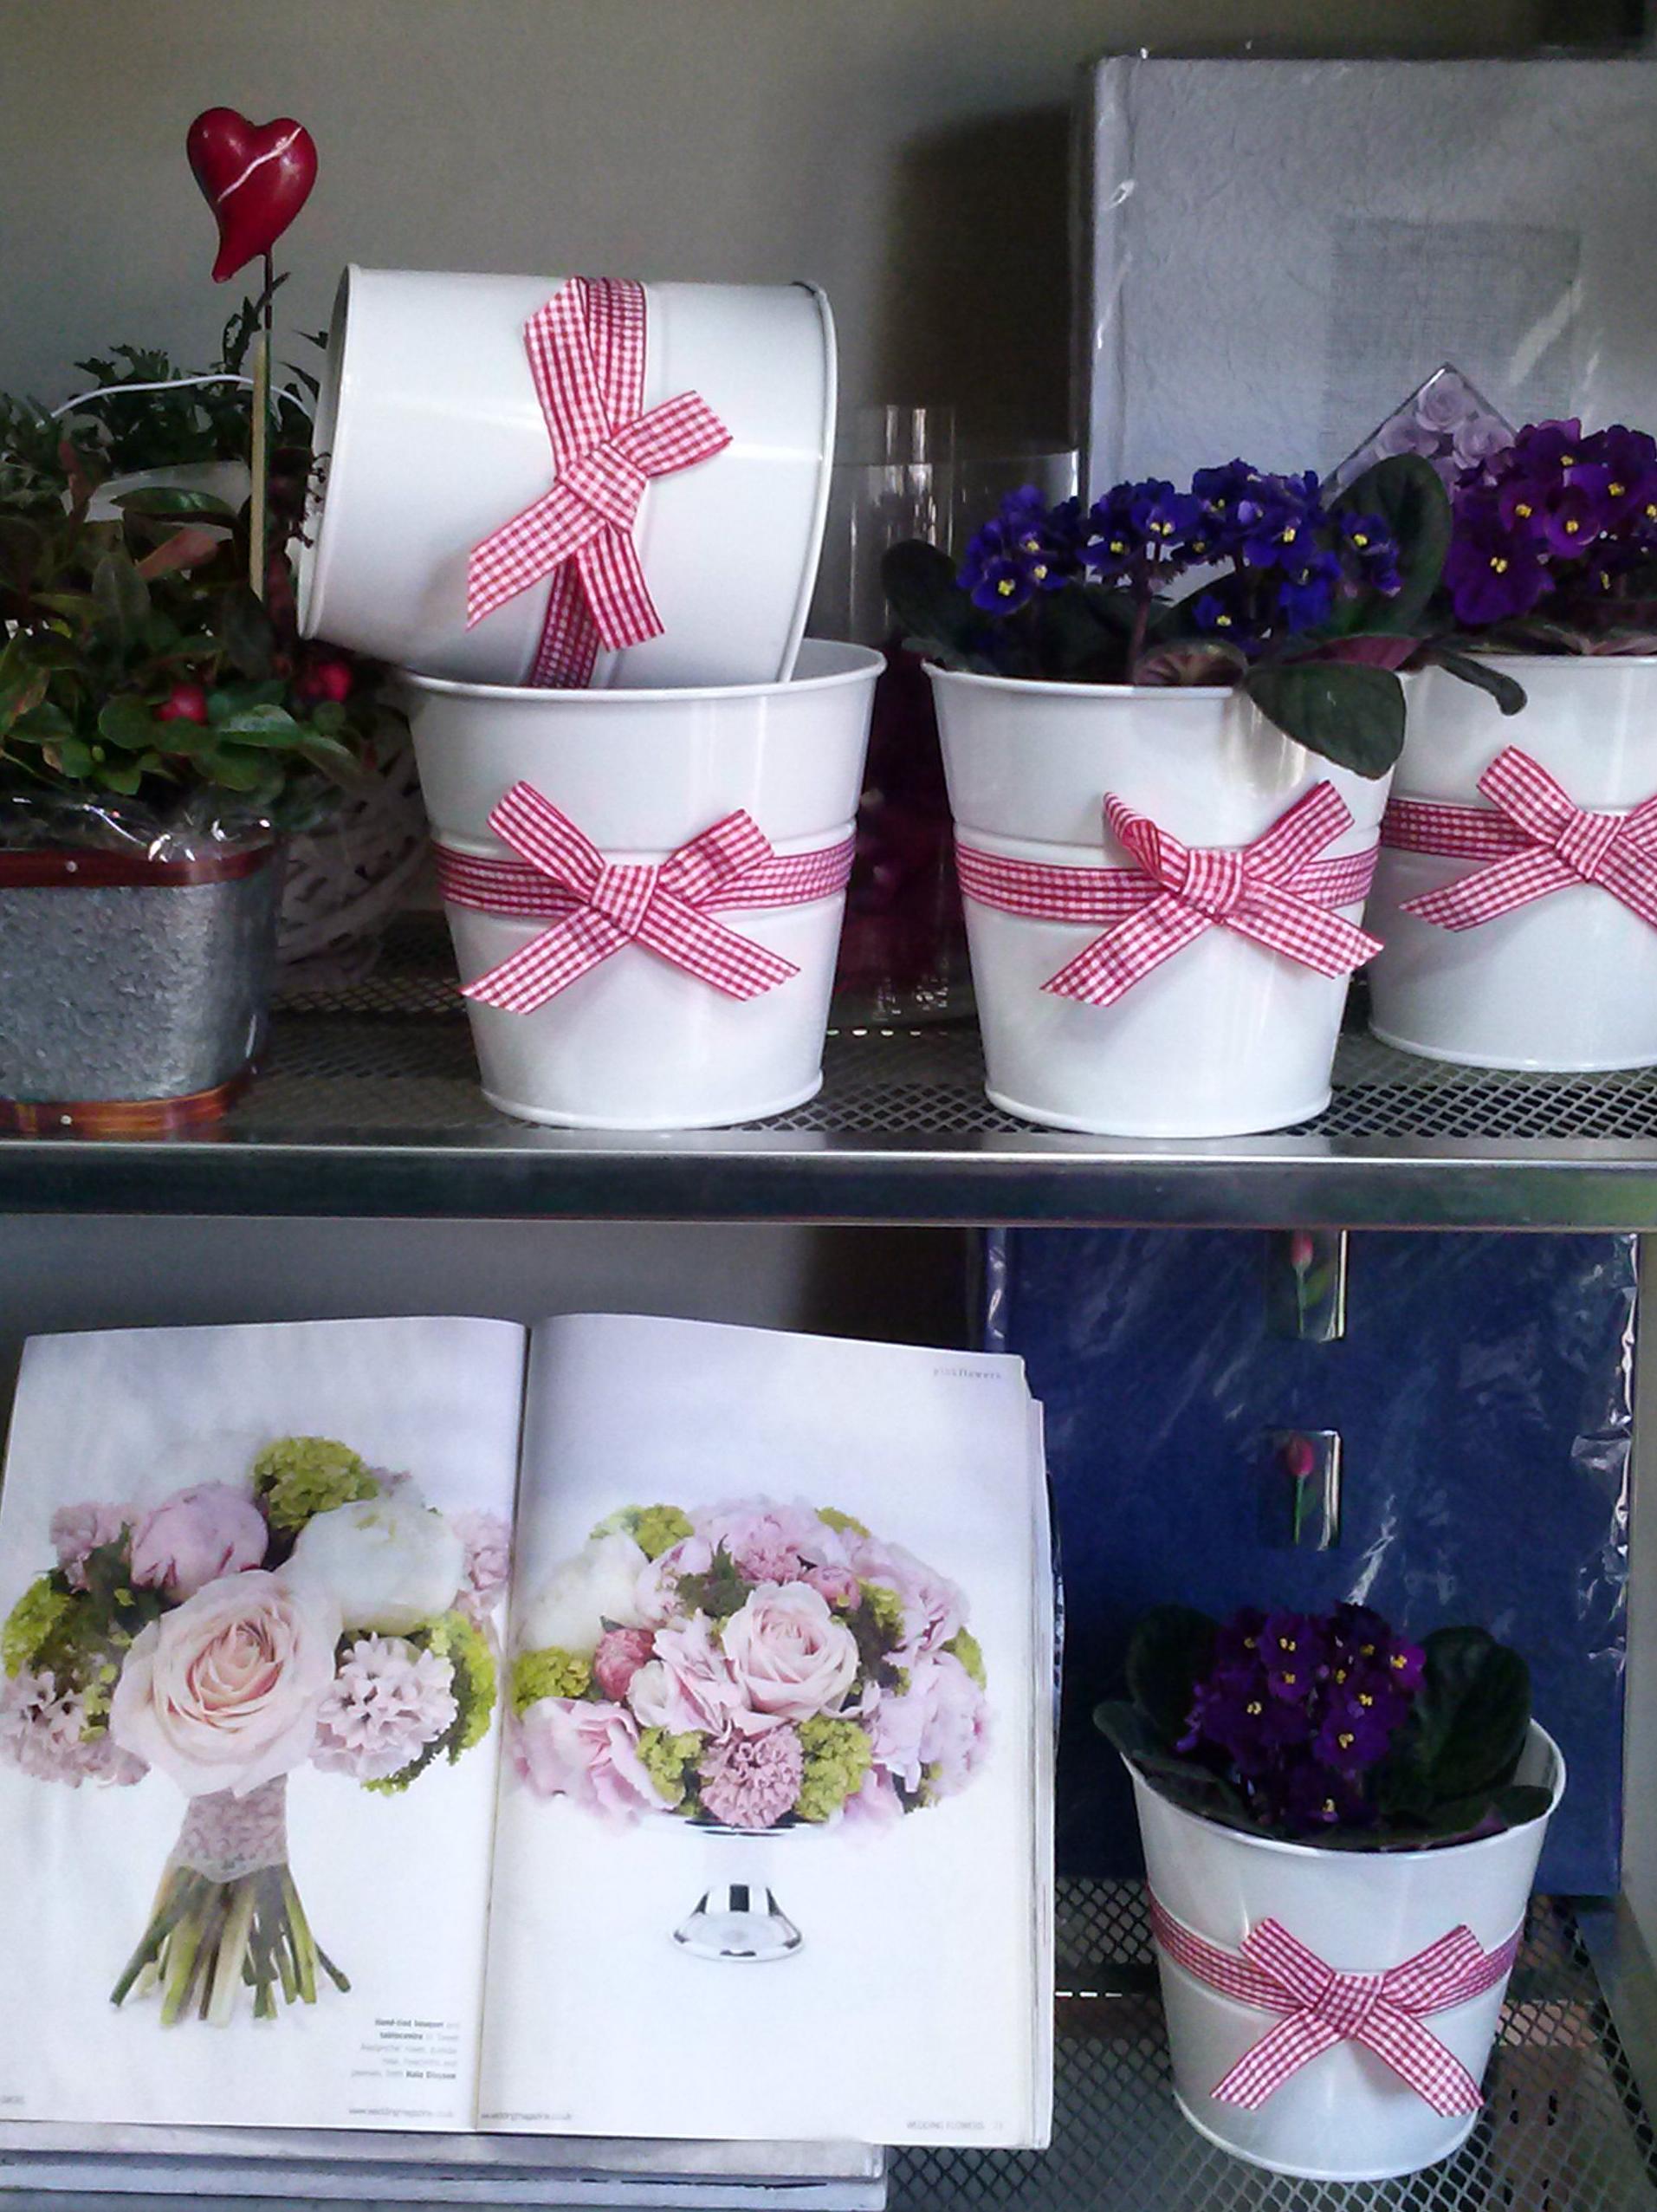 Tiestos productos y servicios de greenflor florister a for Jardineria a domicilio barcelona